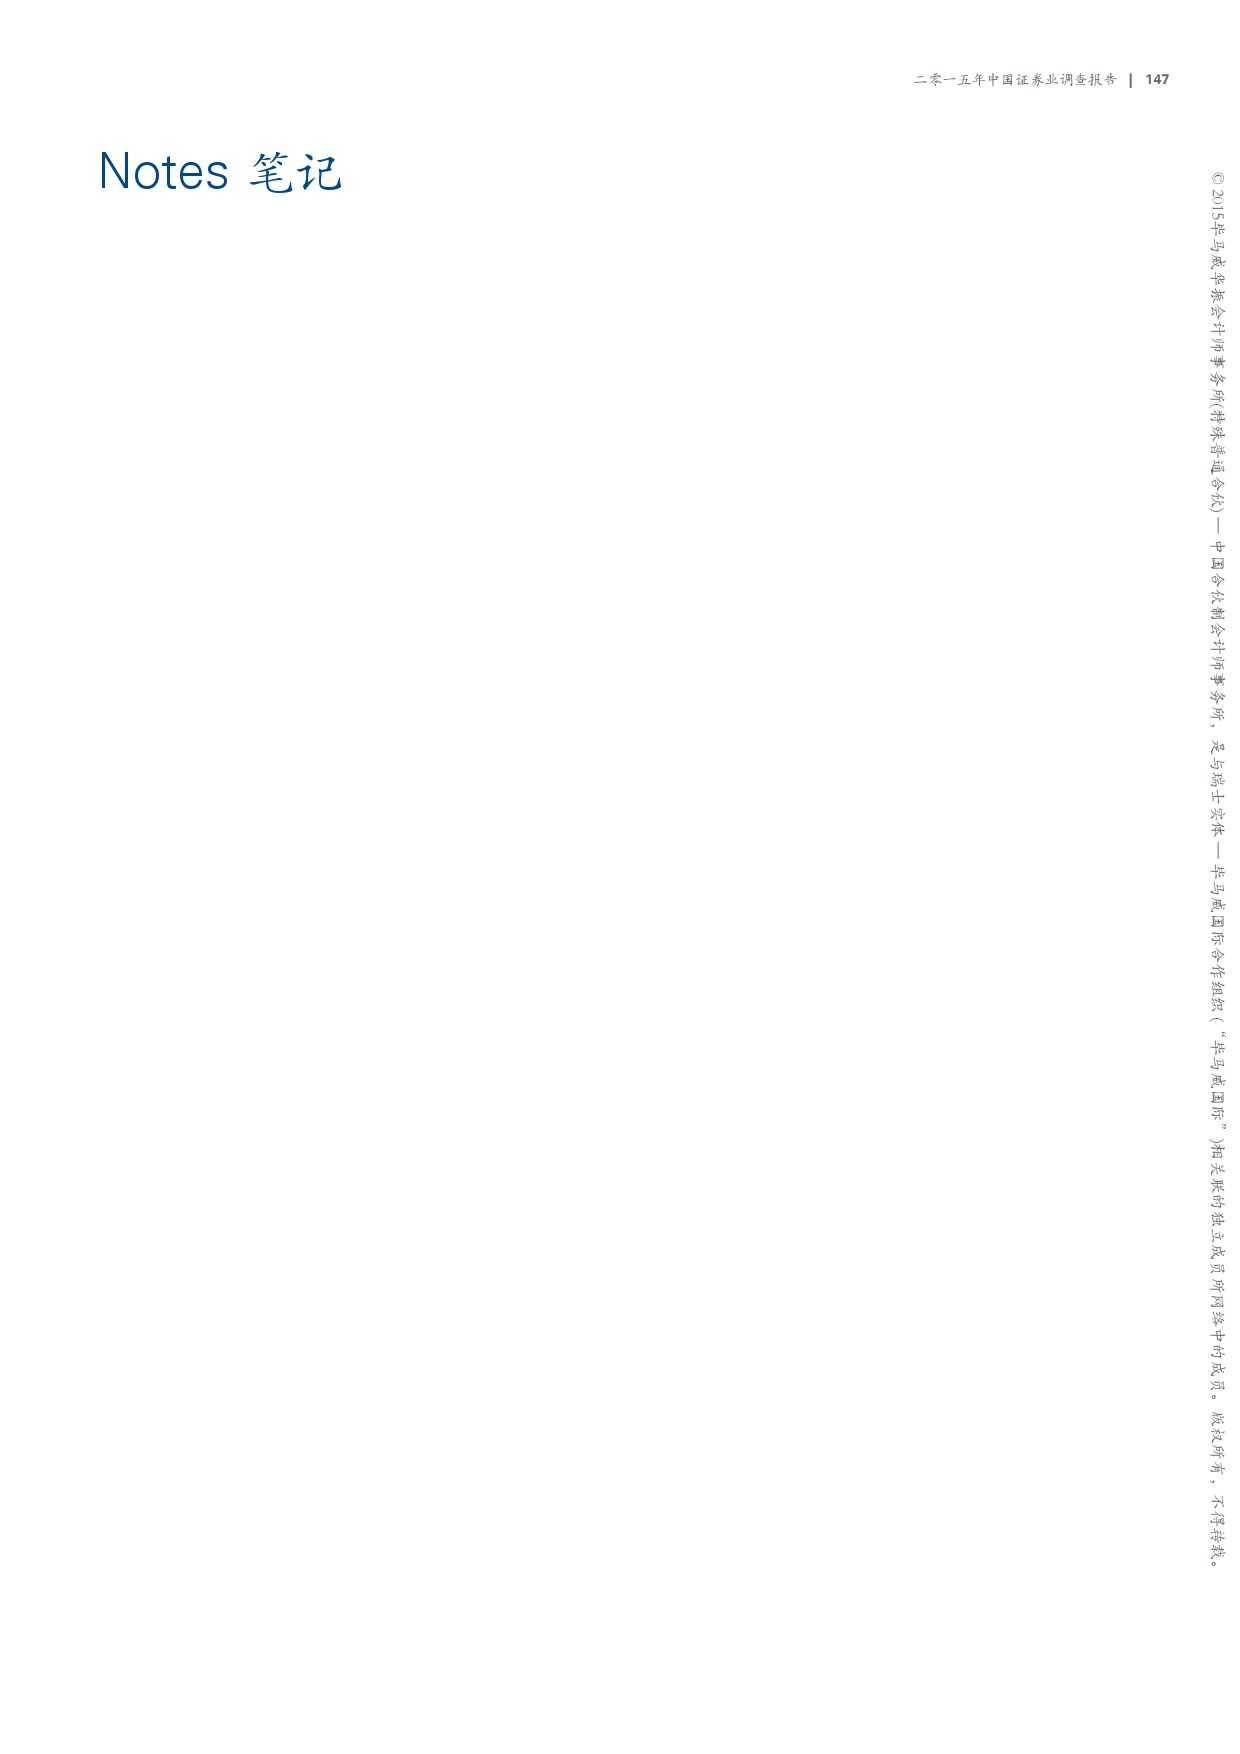 毕马威:2015年中国证券业调查报告_000149